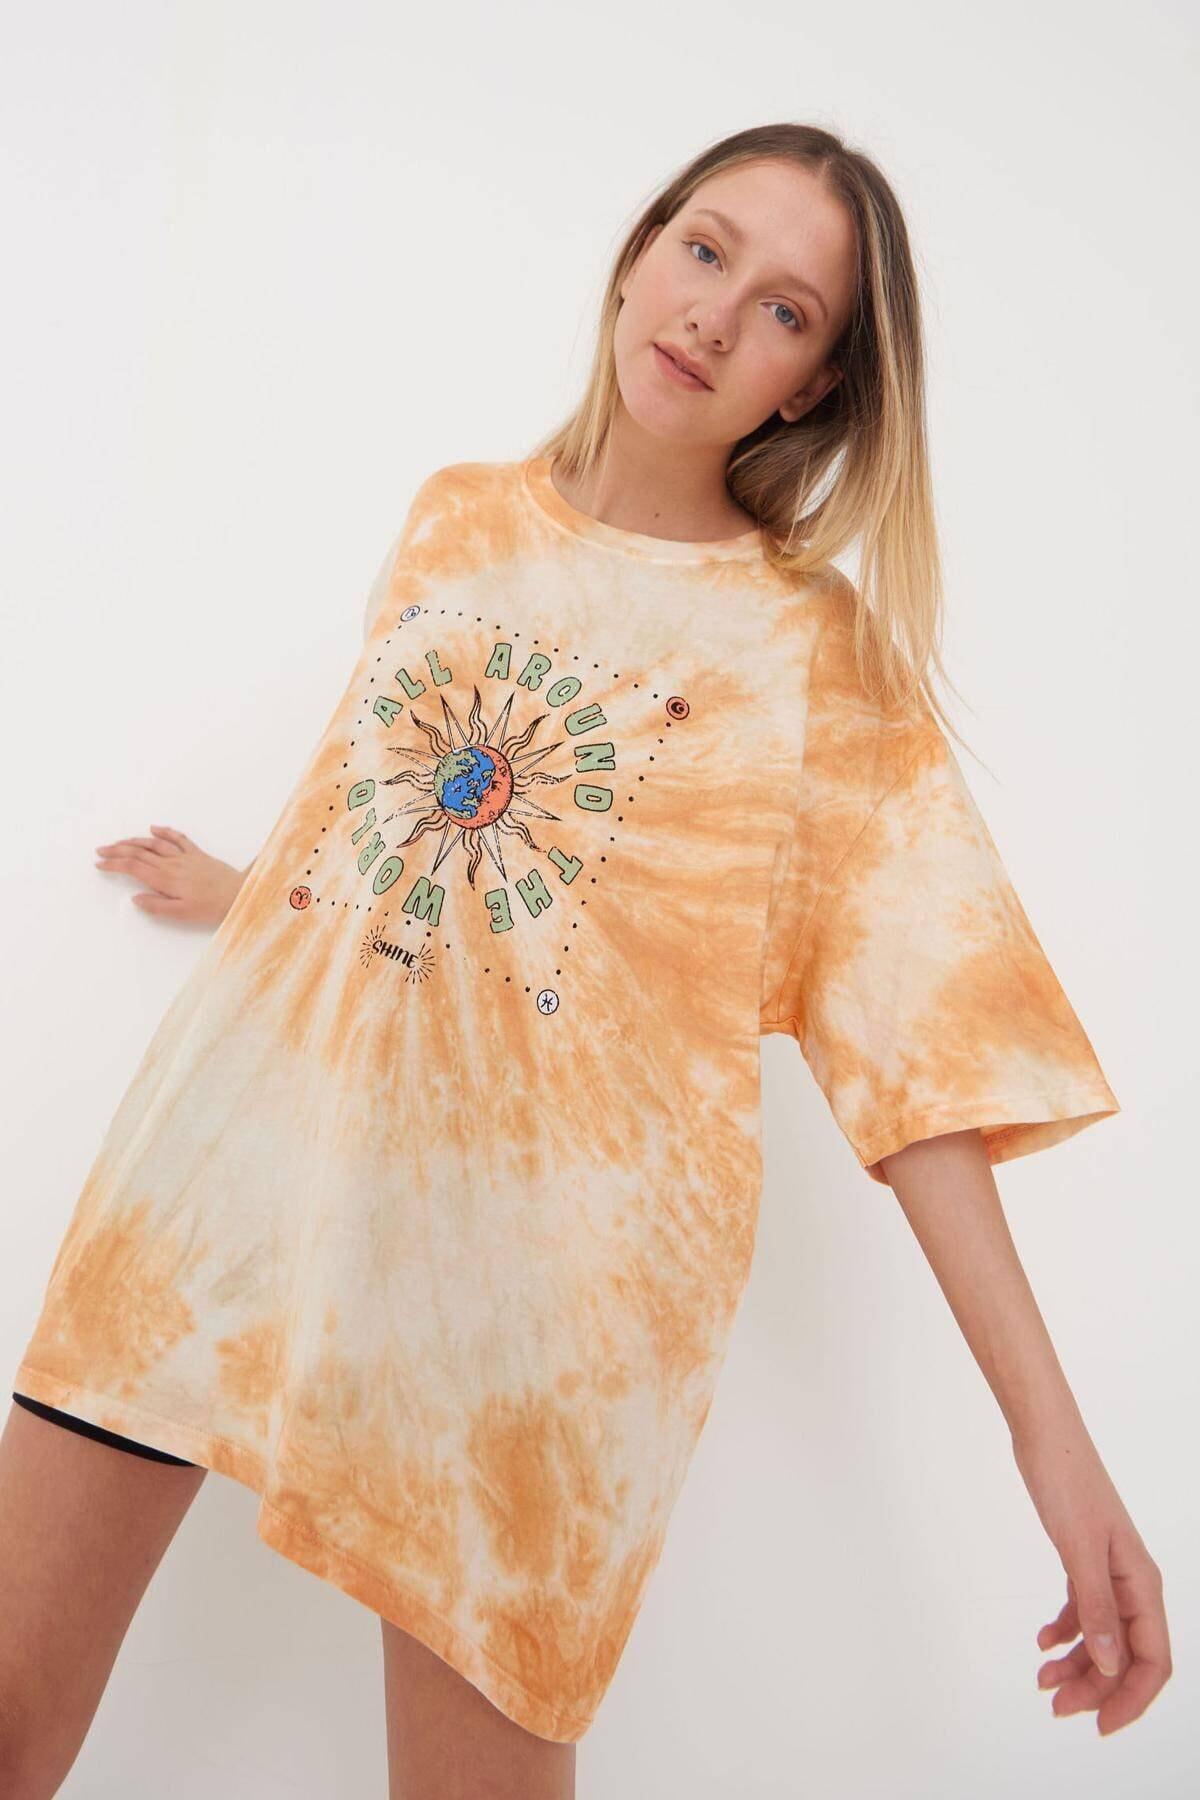 Addax Kadın Batik Oranj Baskılı T-Shirt P9561 - L3 Adx-0000024146